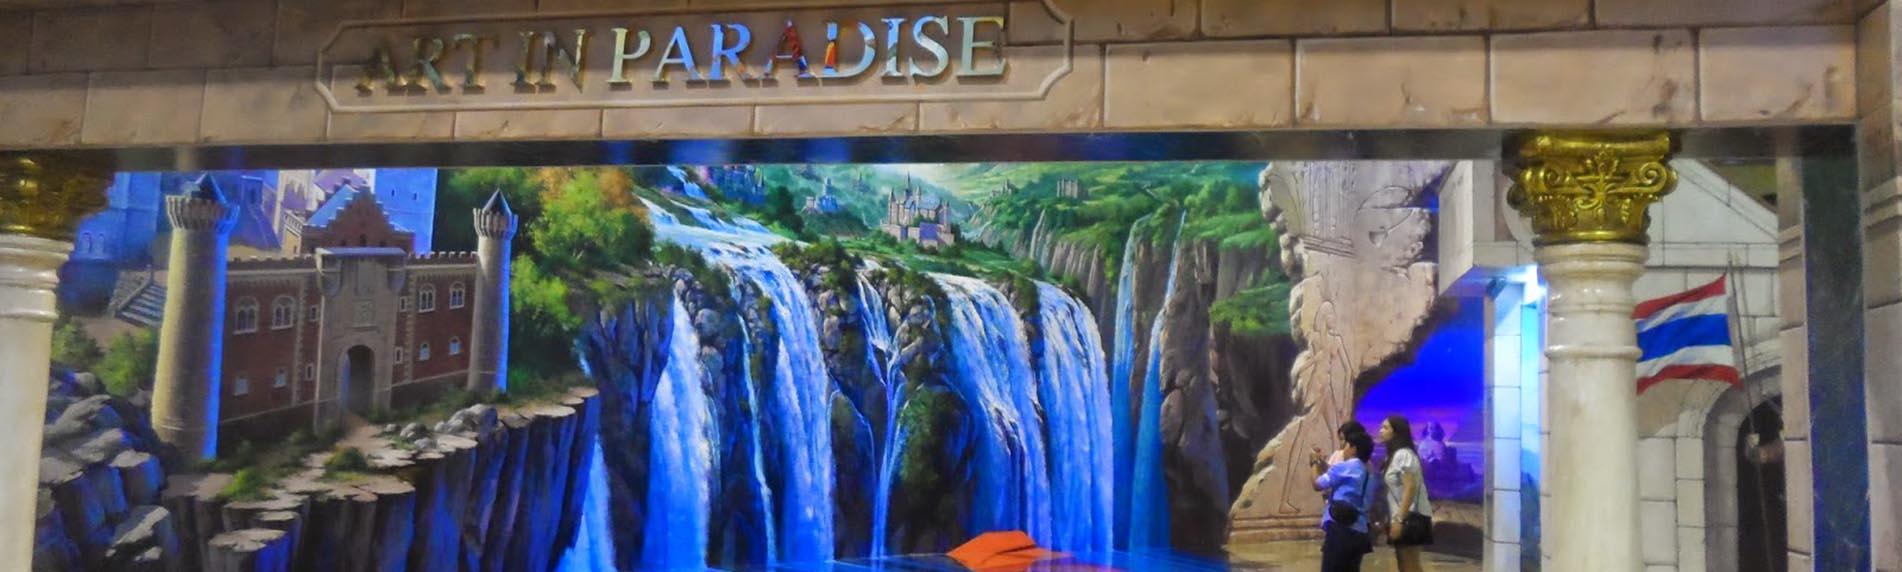 art in paradise fun pattaya